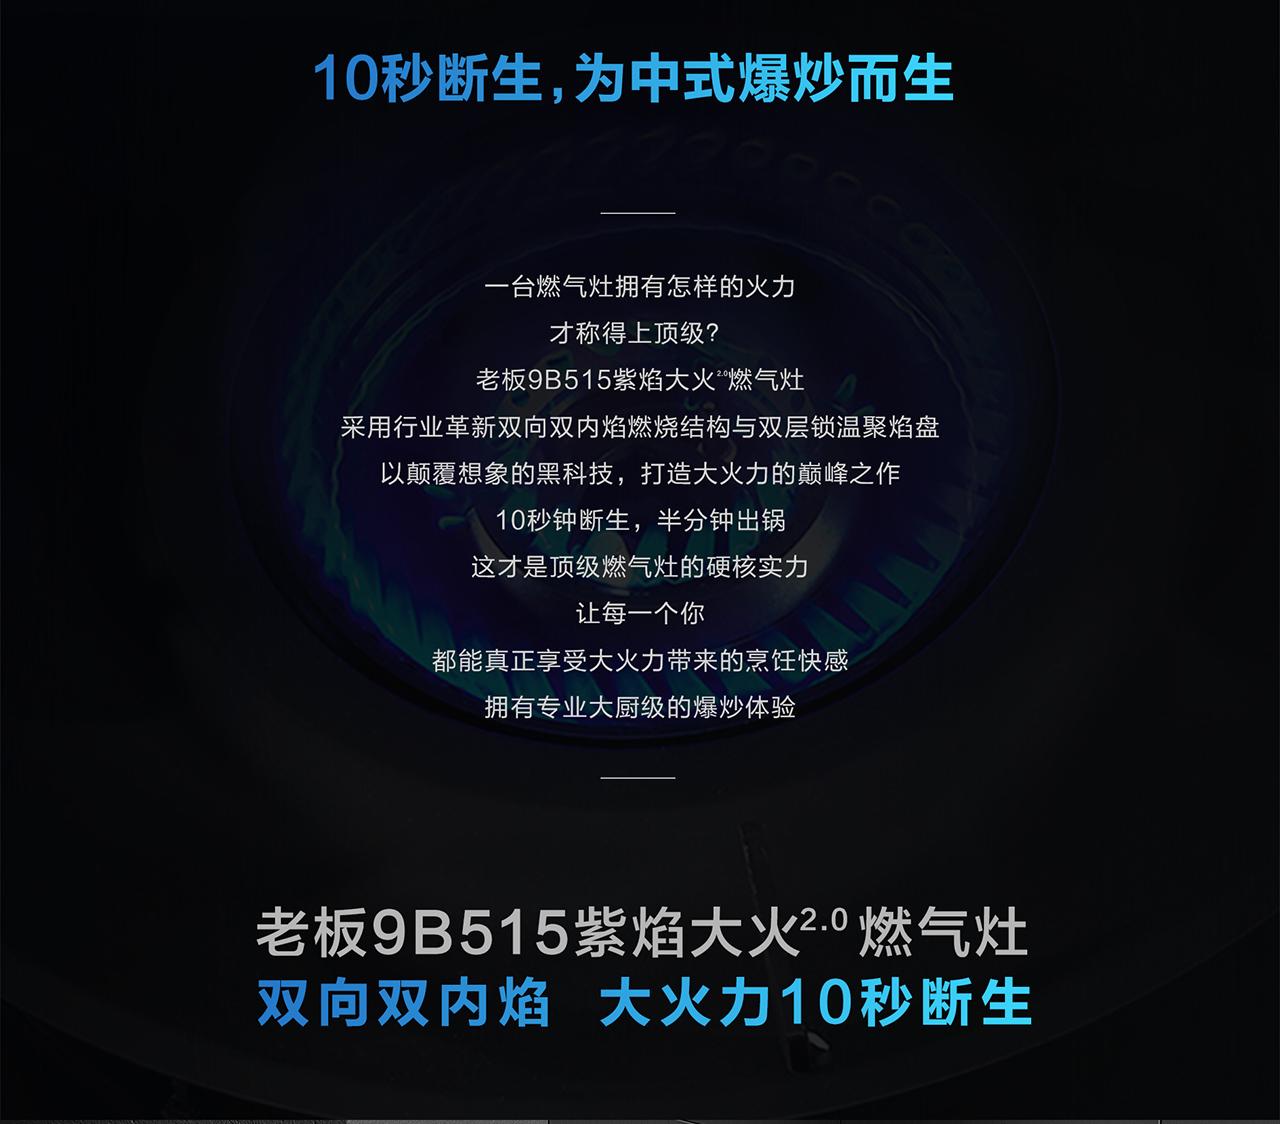 9B515商品详情页-PC端1950-0519-2_02.jpg